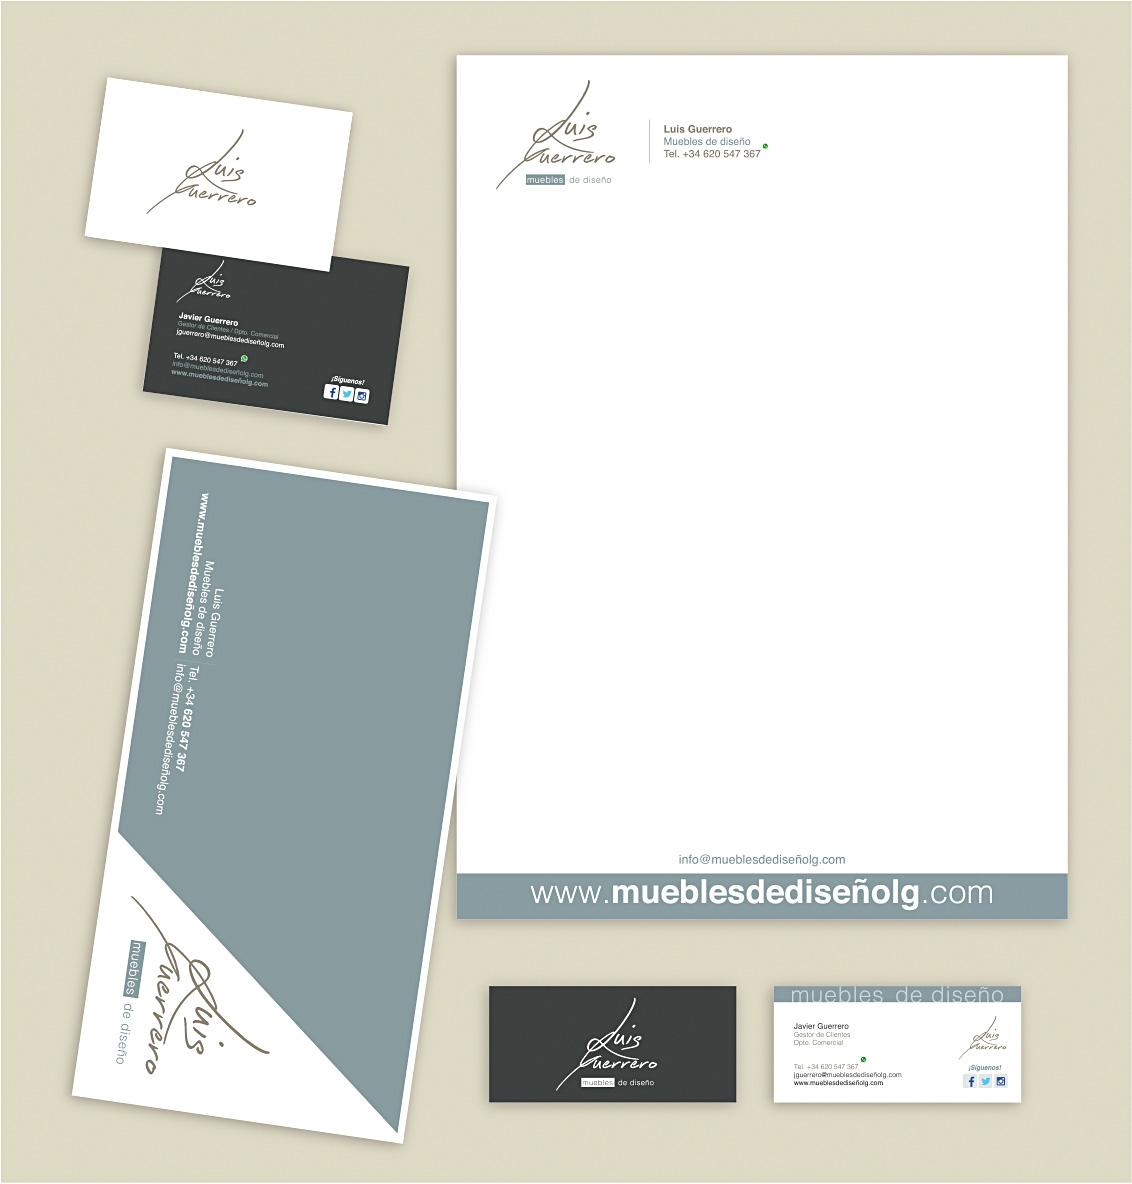 Diseño imagen corporativa Albacete, diseño identidad corporativa, estudios de diseño, papelería corporativa, impresión de tarjetas de visita, impresión de carpetas, Luis Guerrero